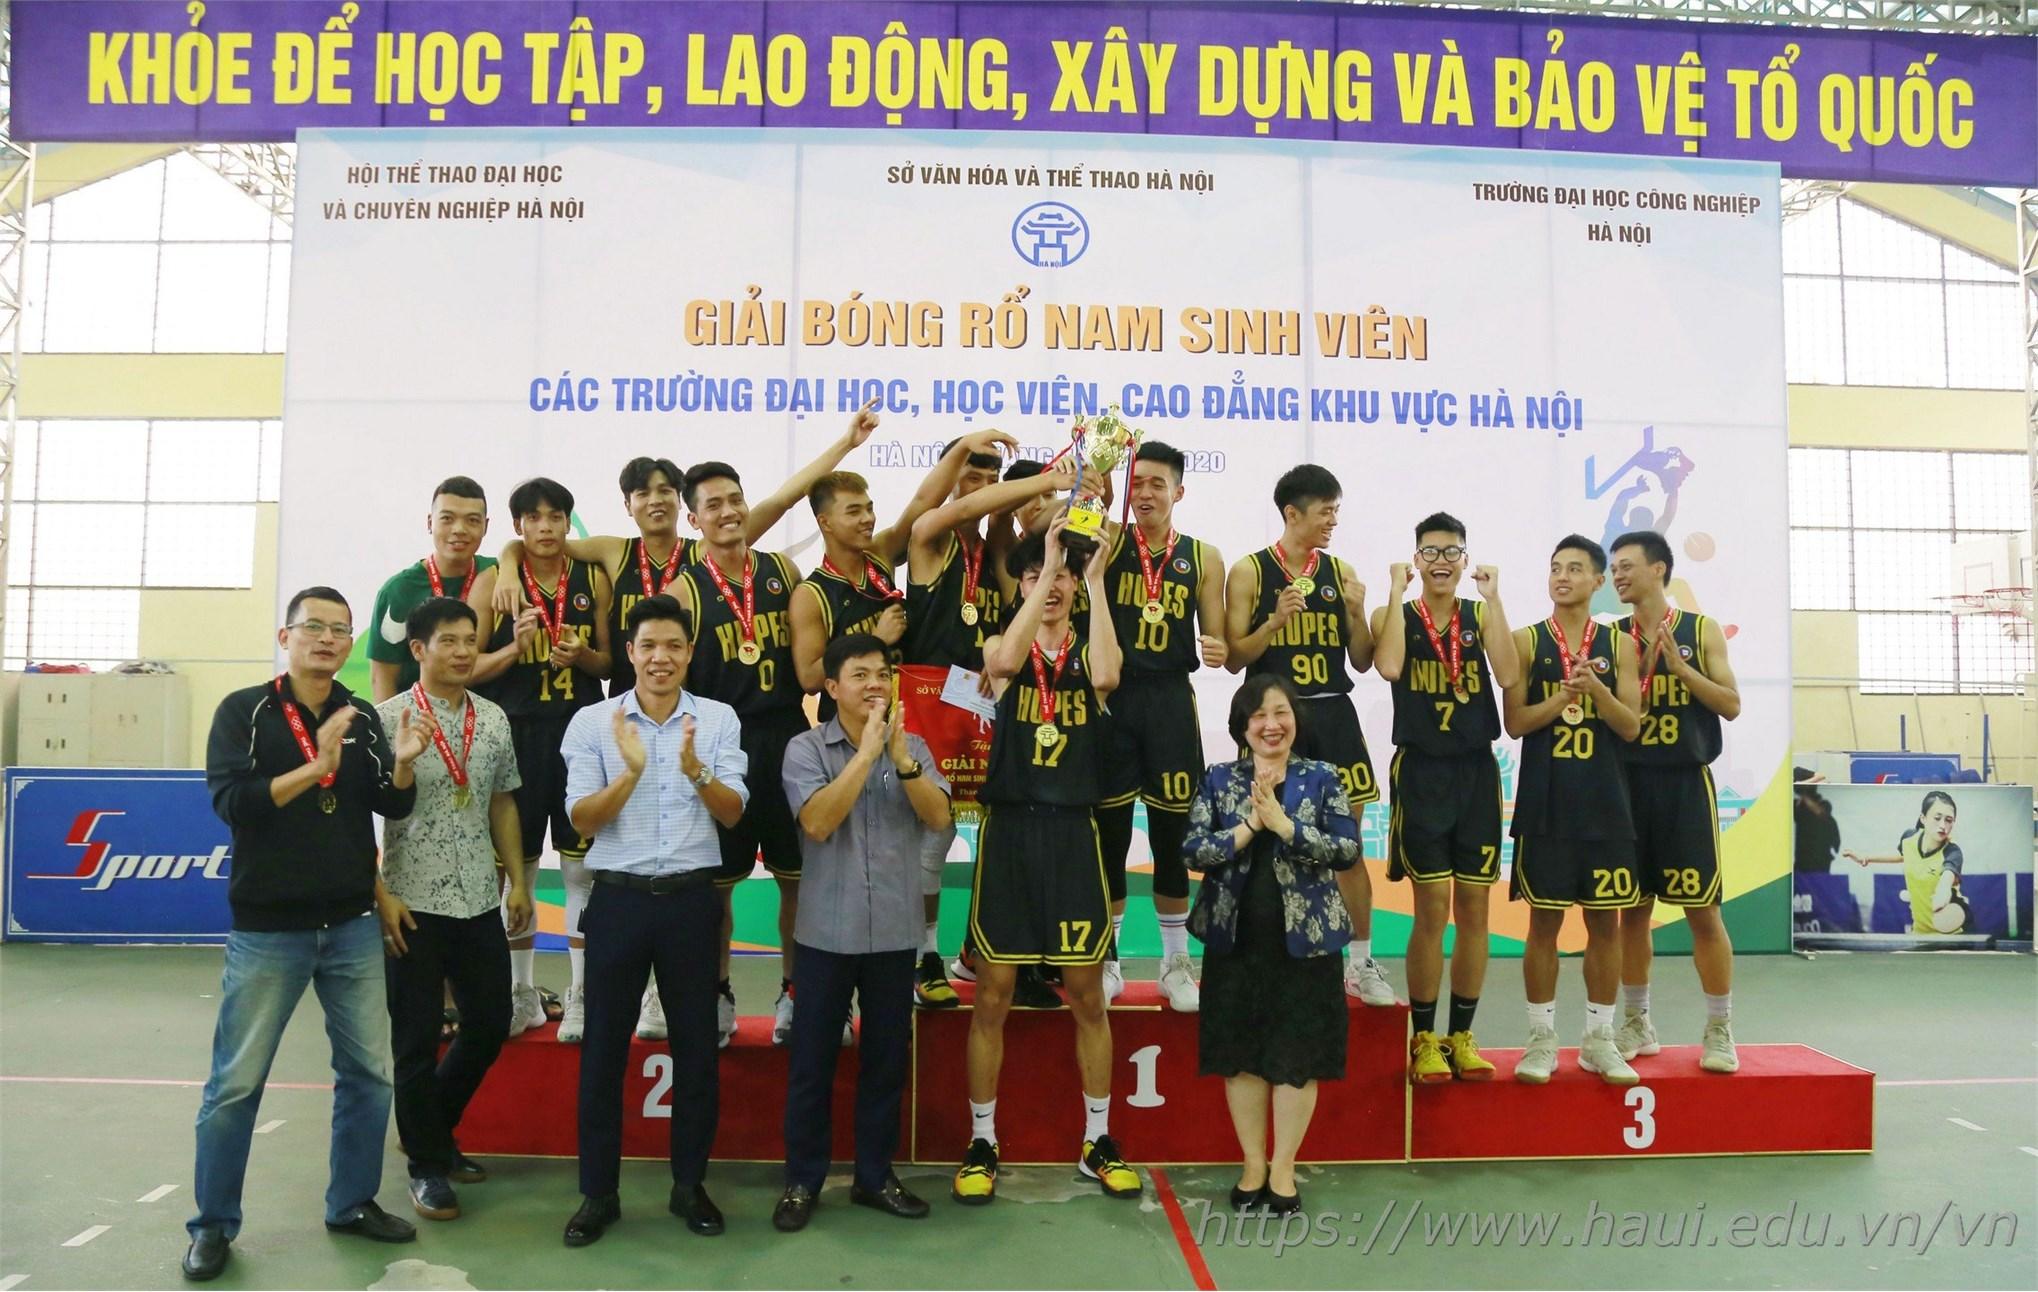 Niềm vui vỡ òa của các cầu thủ đến từ trường ĐH Sư phạm TDTT Hà Nội khi giành cúp vô địch